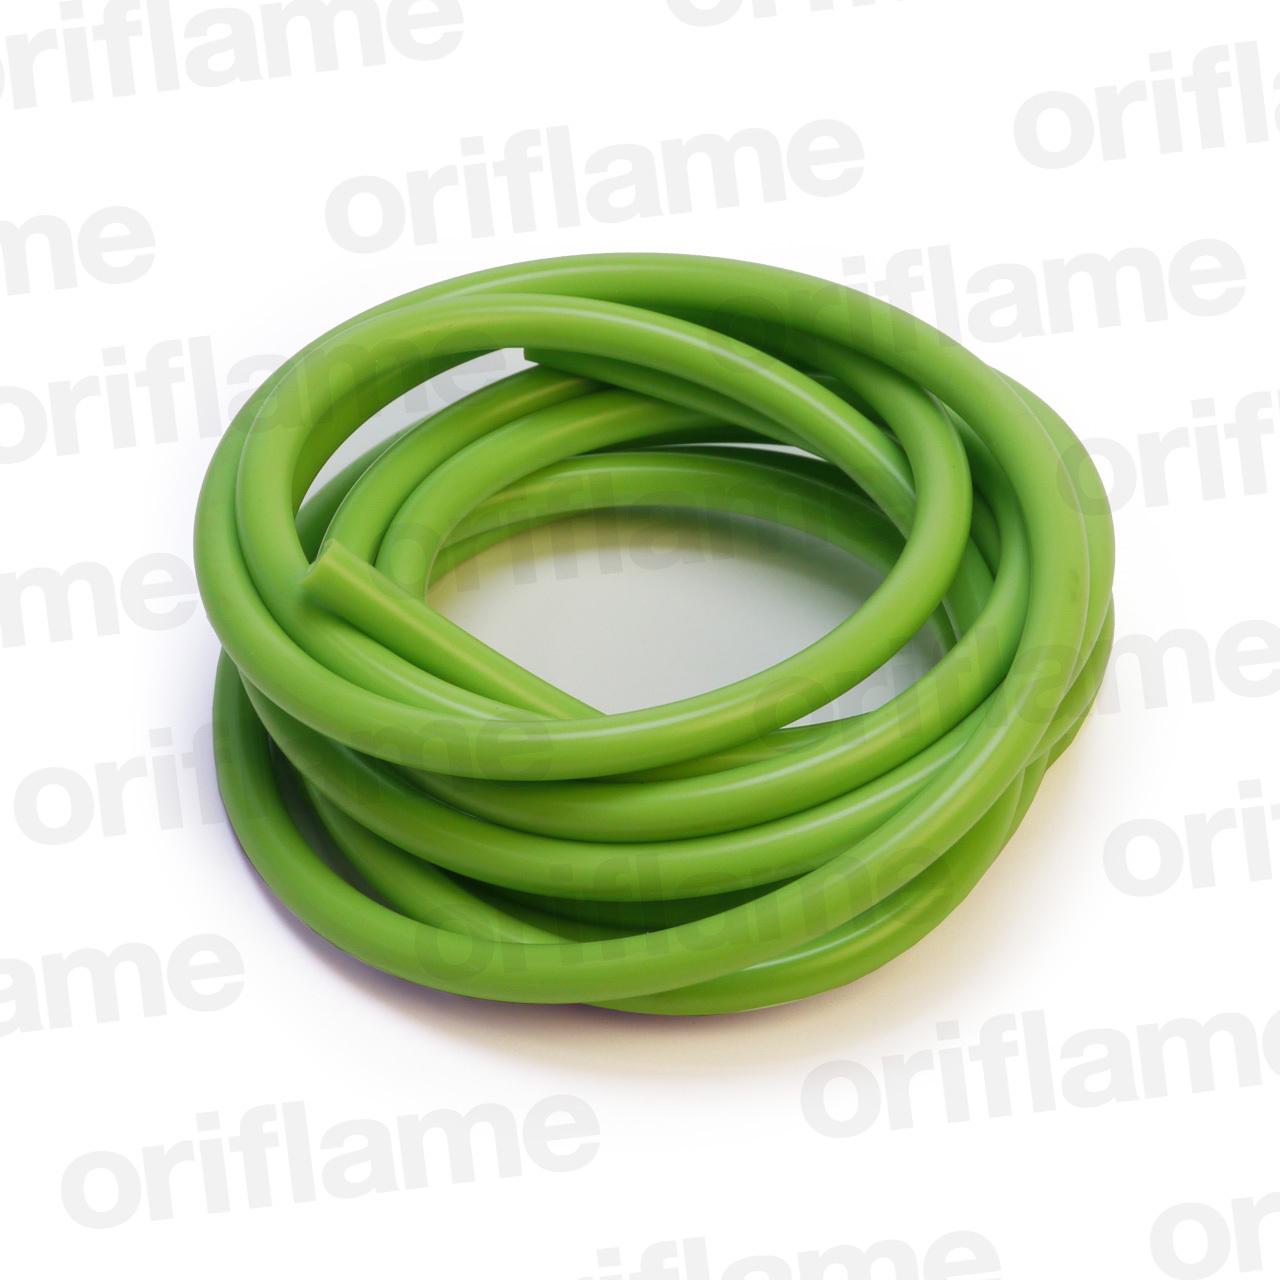 バキュームホース・内径4mm・グリーン・3m